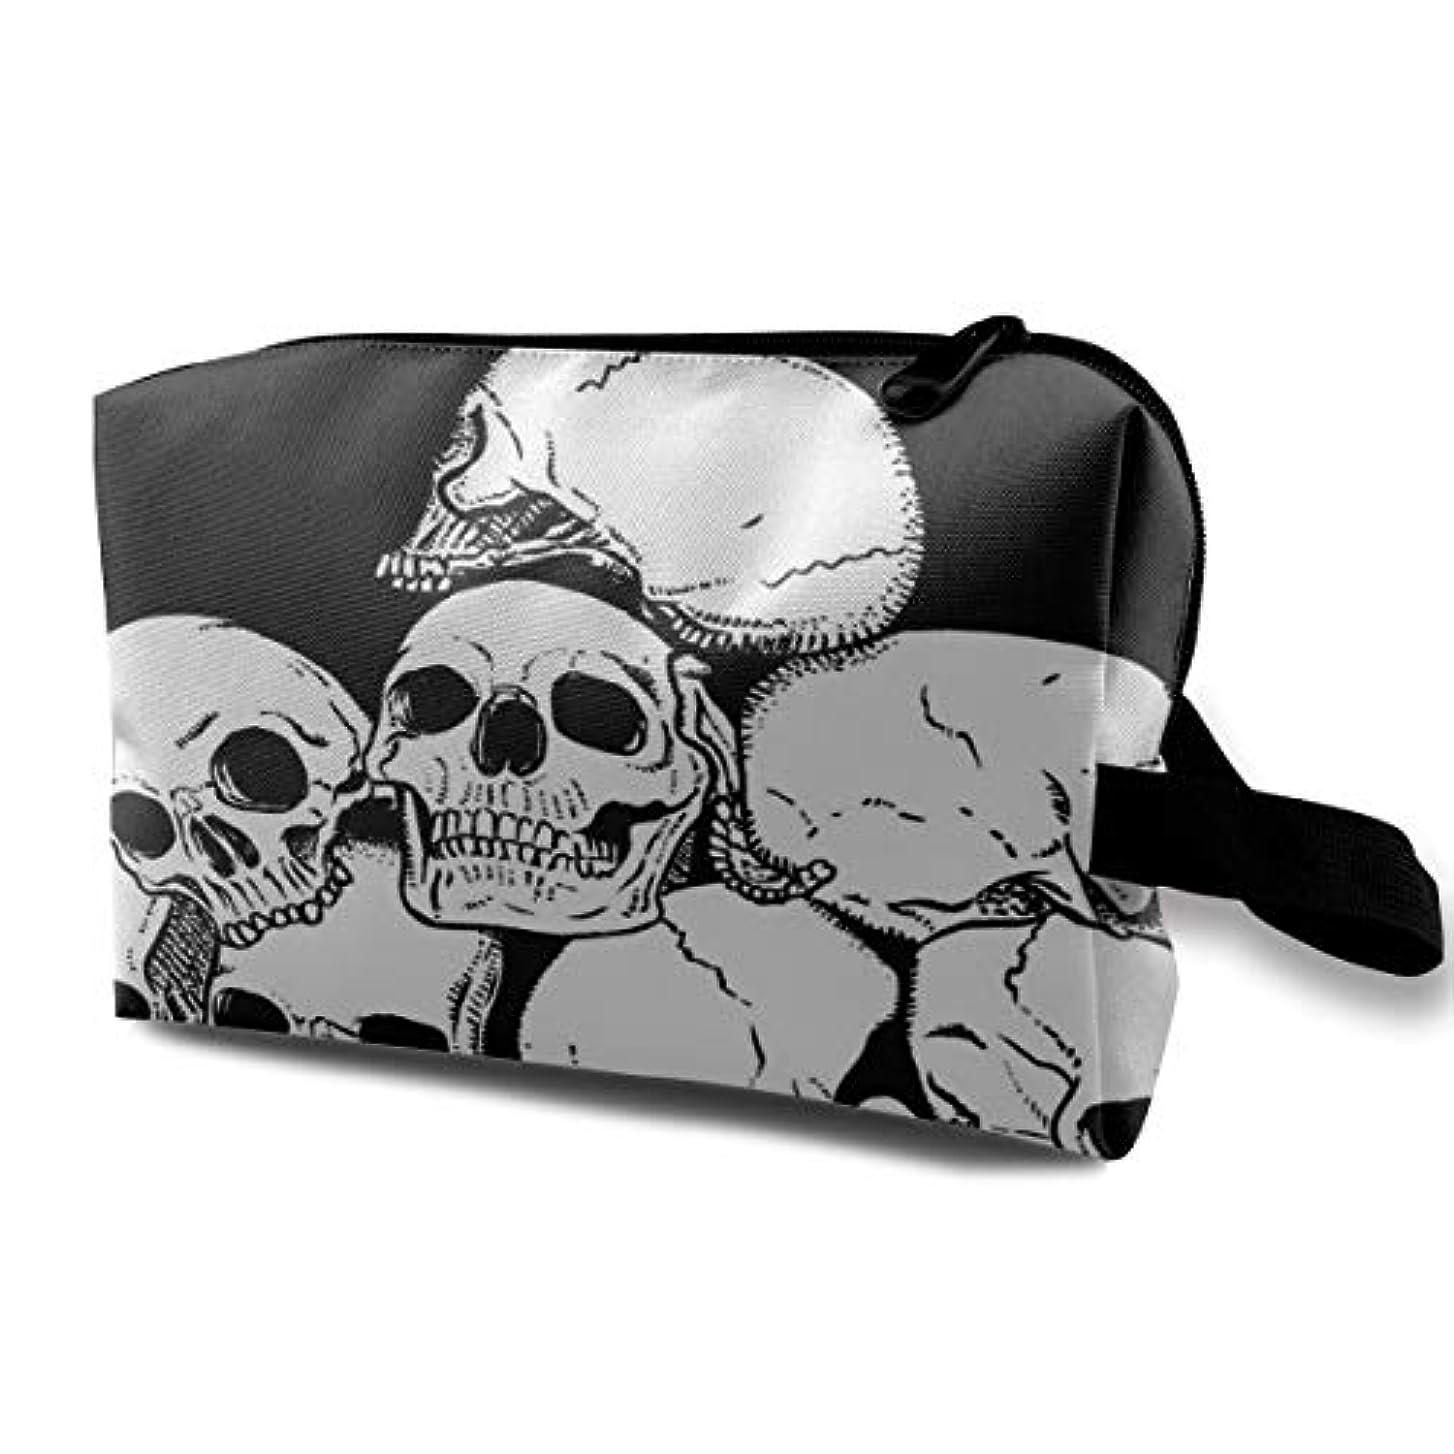 俳句ガレージ調和White Skull With Black Background 収納ポーチ 化粧ポーチ 大容量 軽量 耐久性 ハンドル付持ち運び便利。入れ 自宅?出張?旅行?アウトドア撮影などに対応。メンズ レディース トラベルグッズ